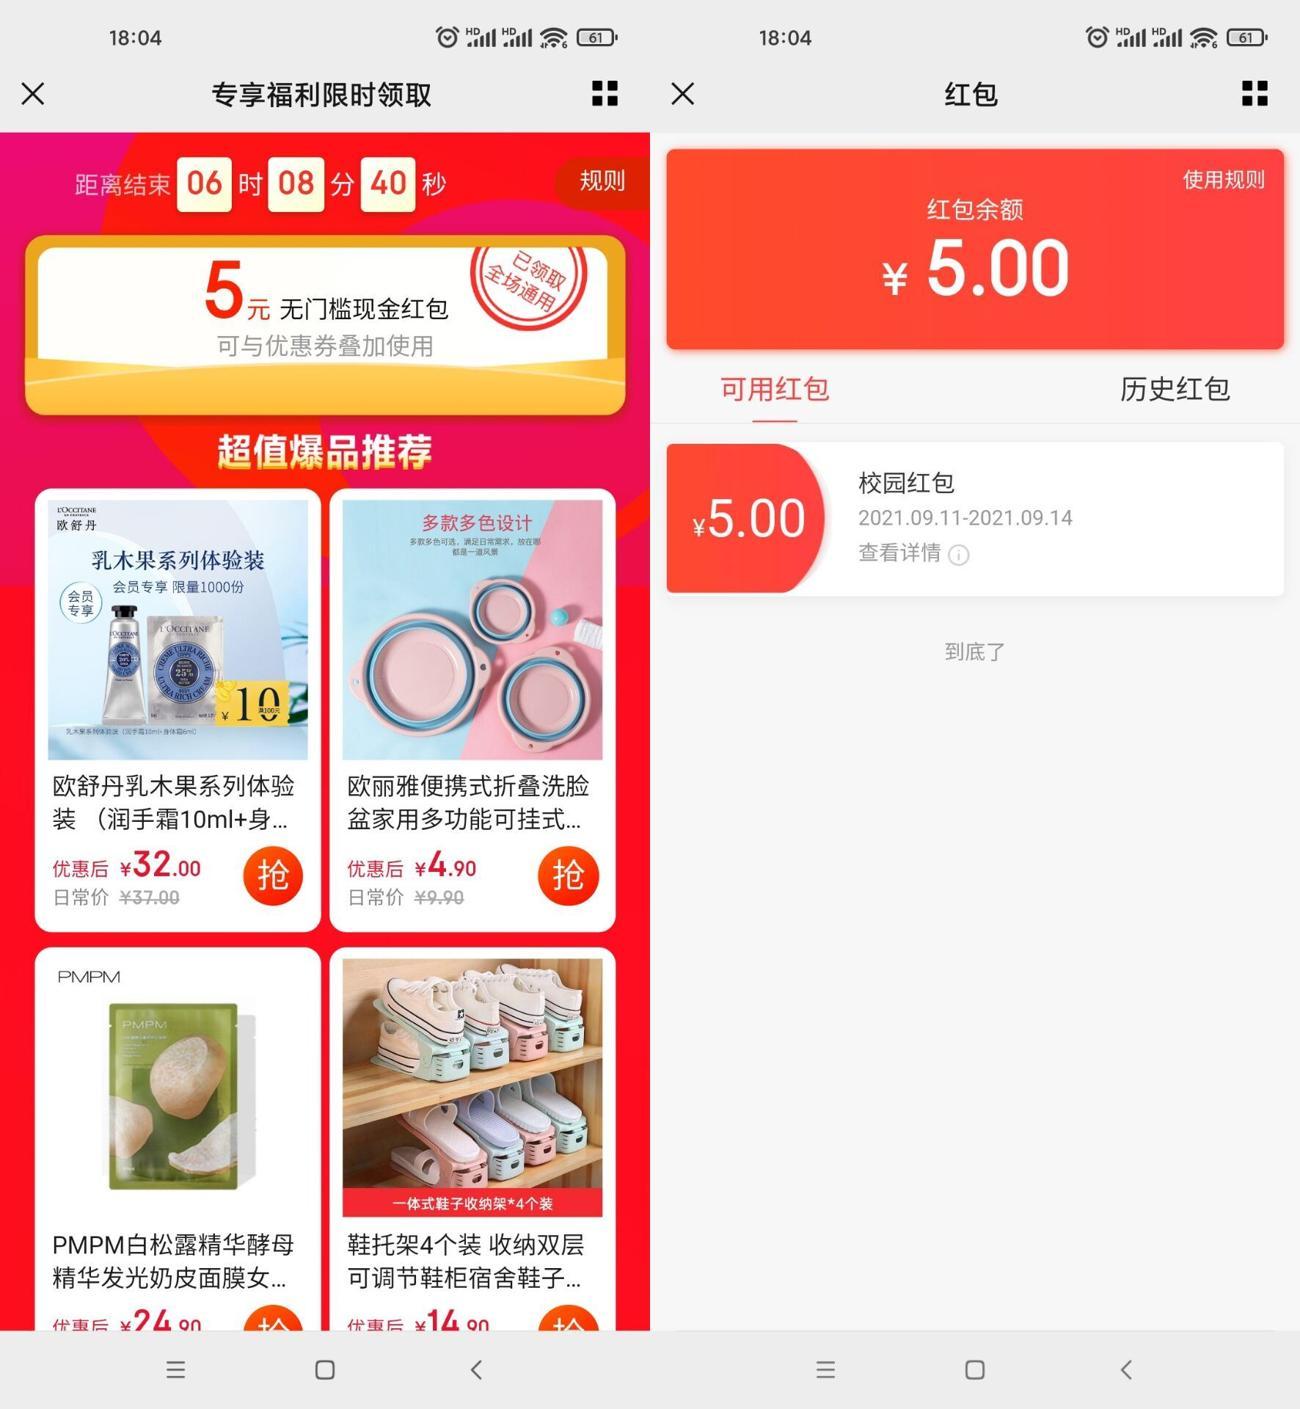 京东部分用户领取5元购物红包